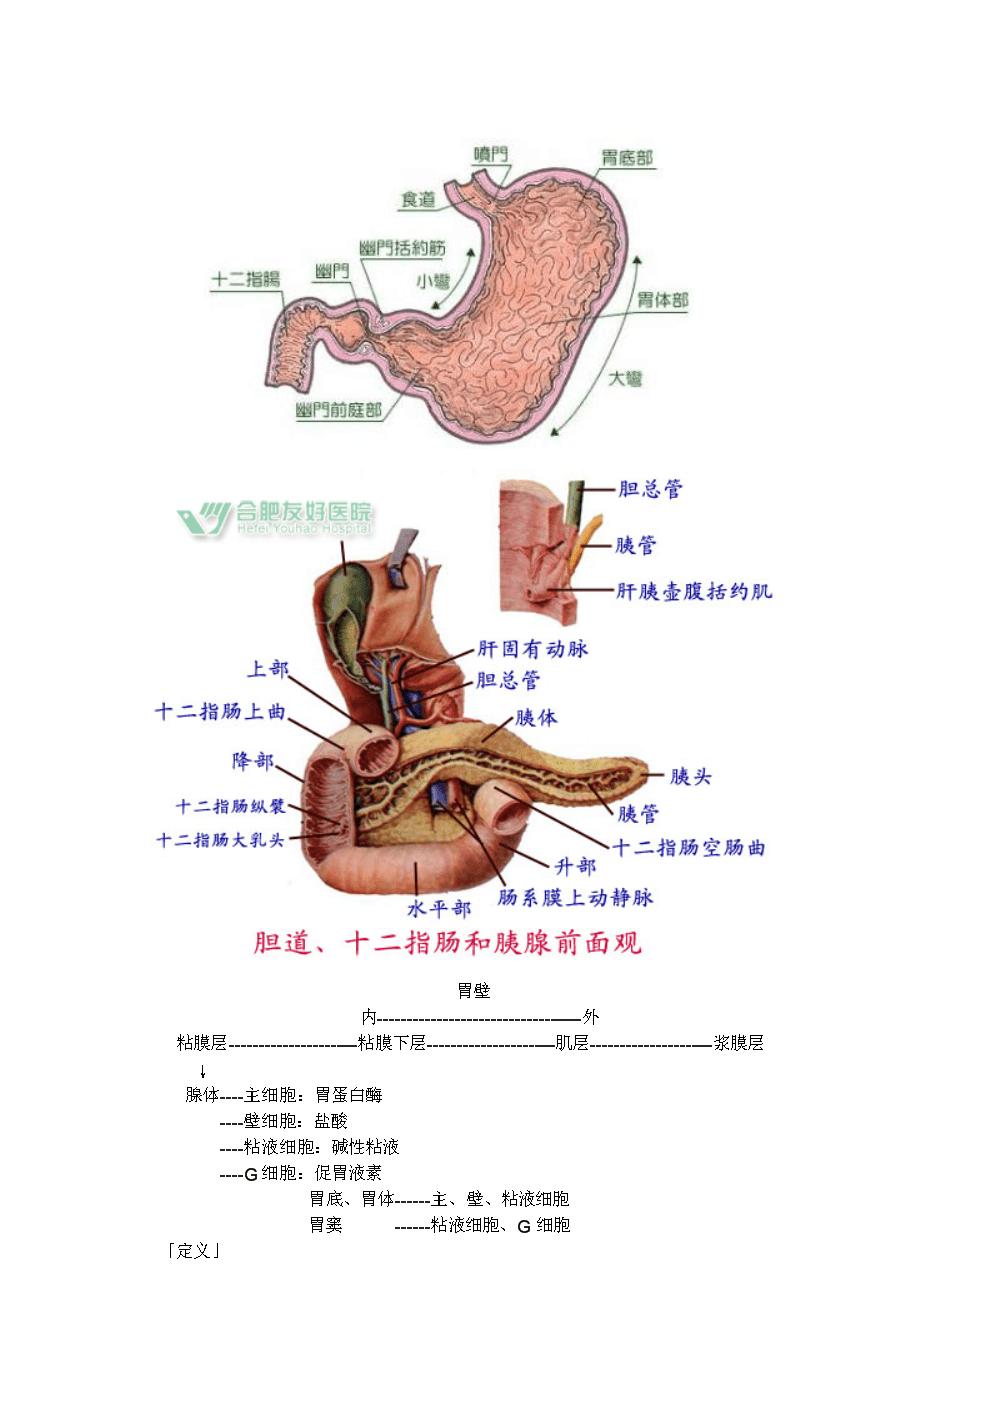 第二节-胃、十二指肠溃疡外科治疗病人的护理.doc